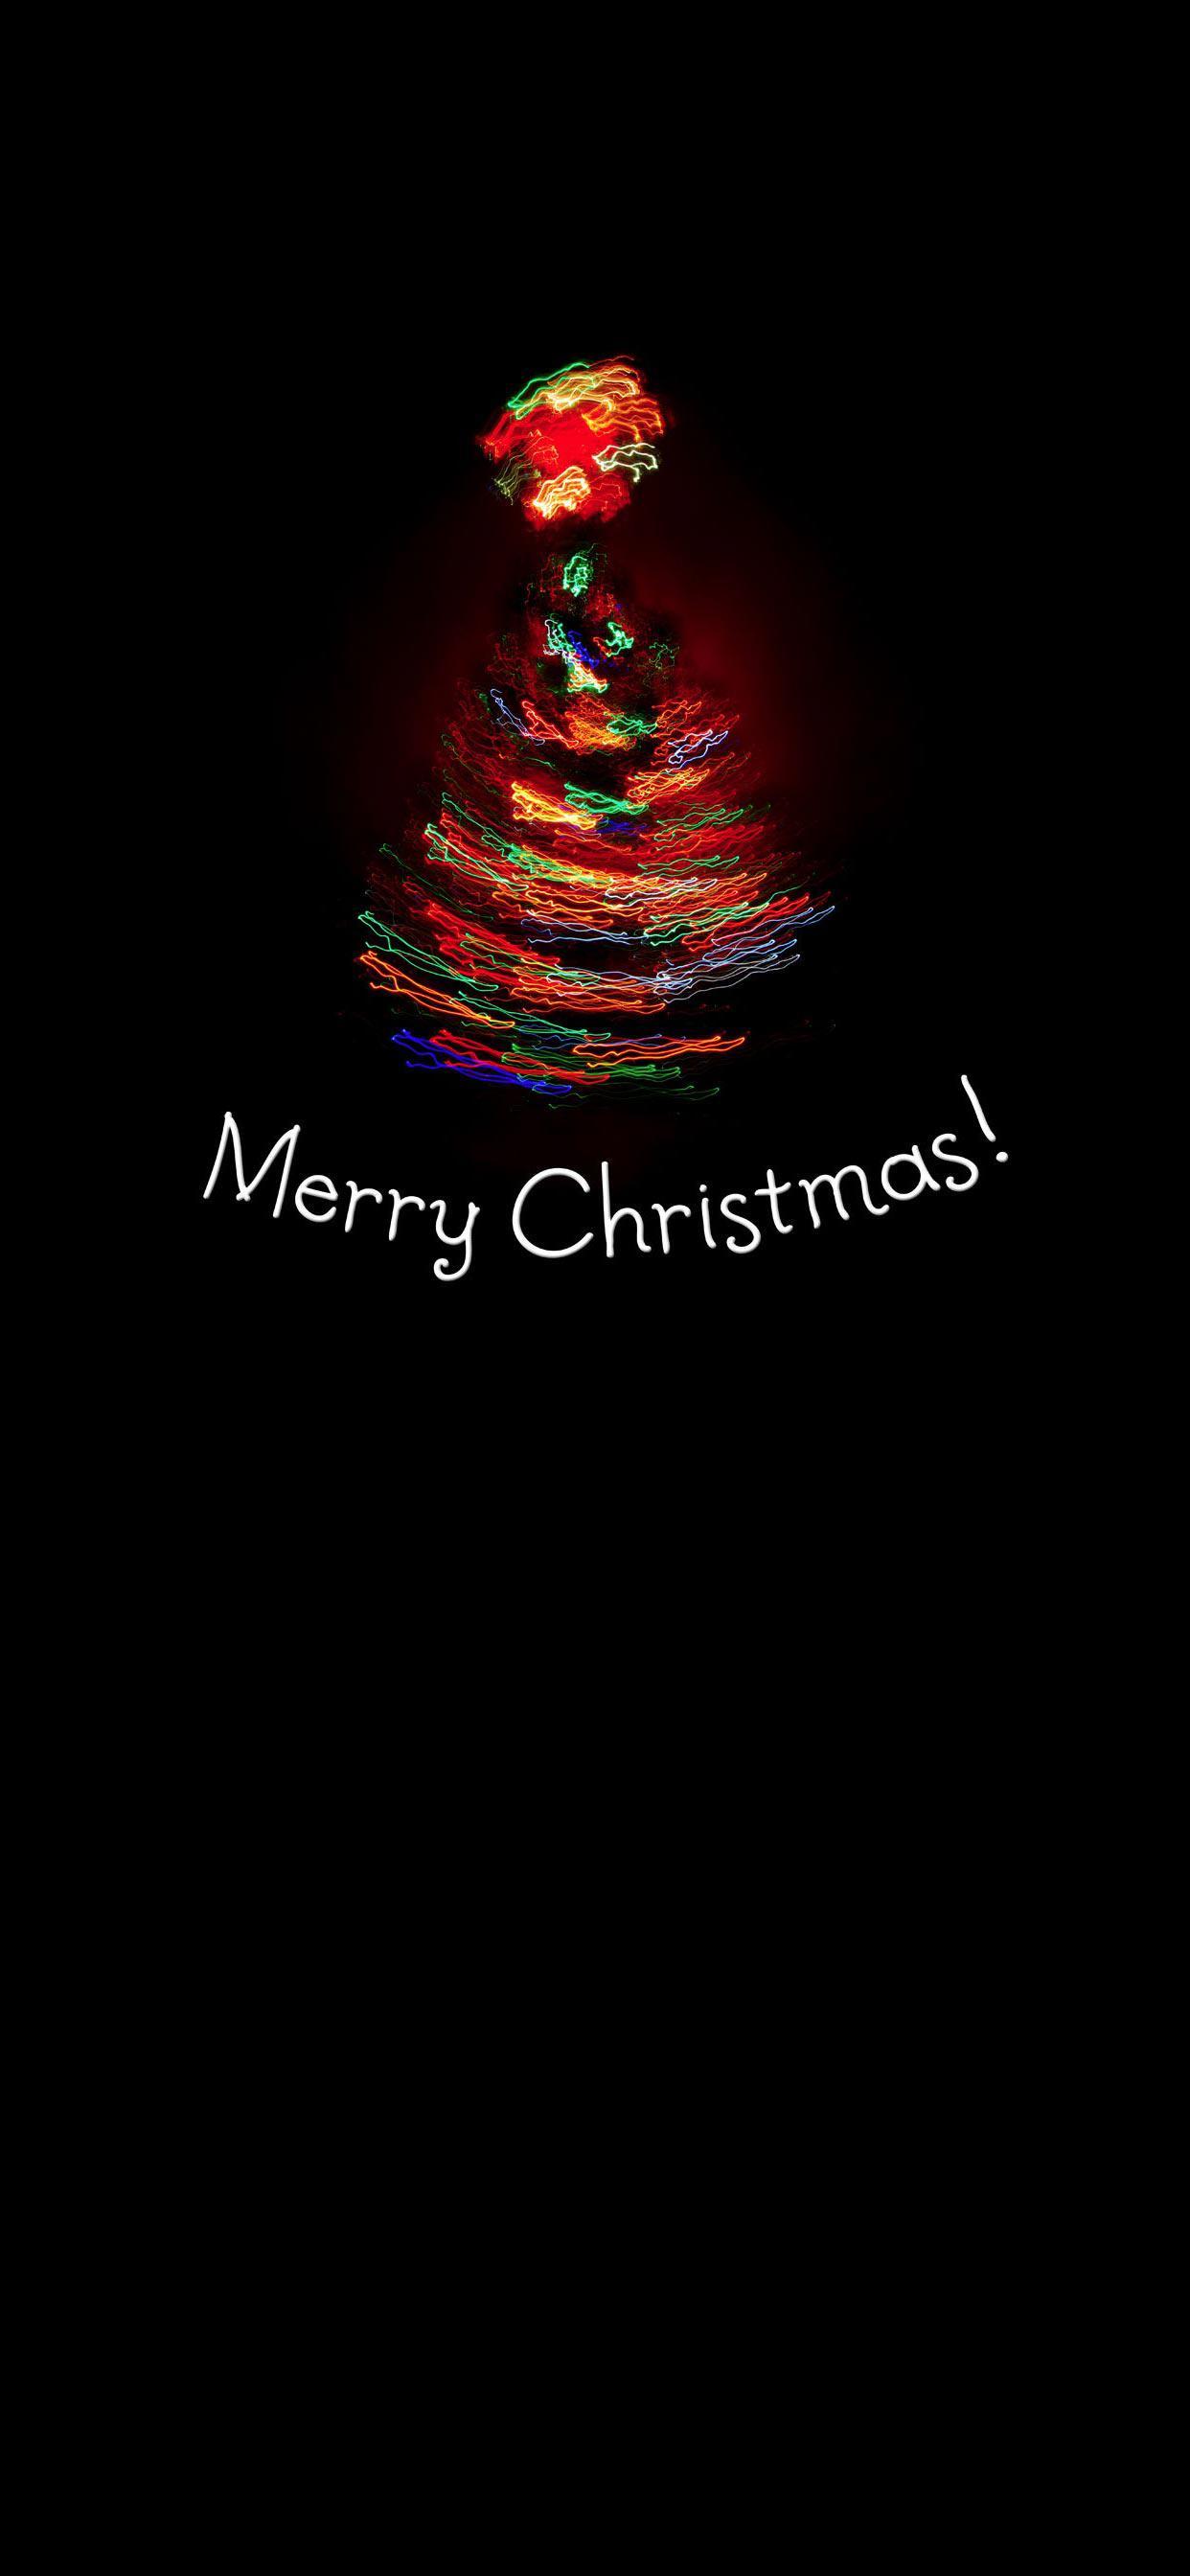 عکس زمینه تبریک کریسمس انگلیسی merry christmas رنگی پس زمینه